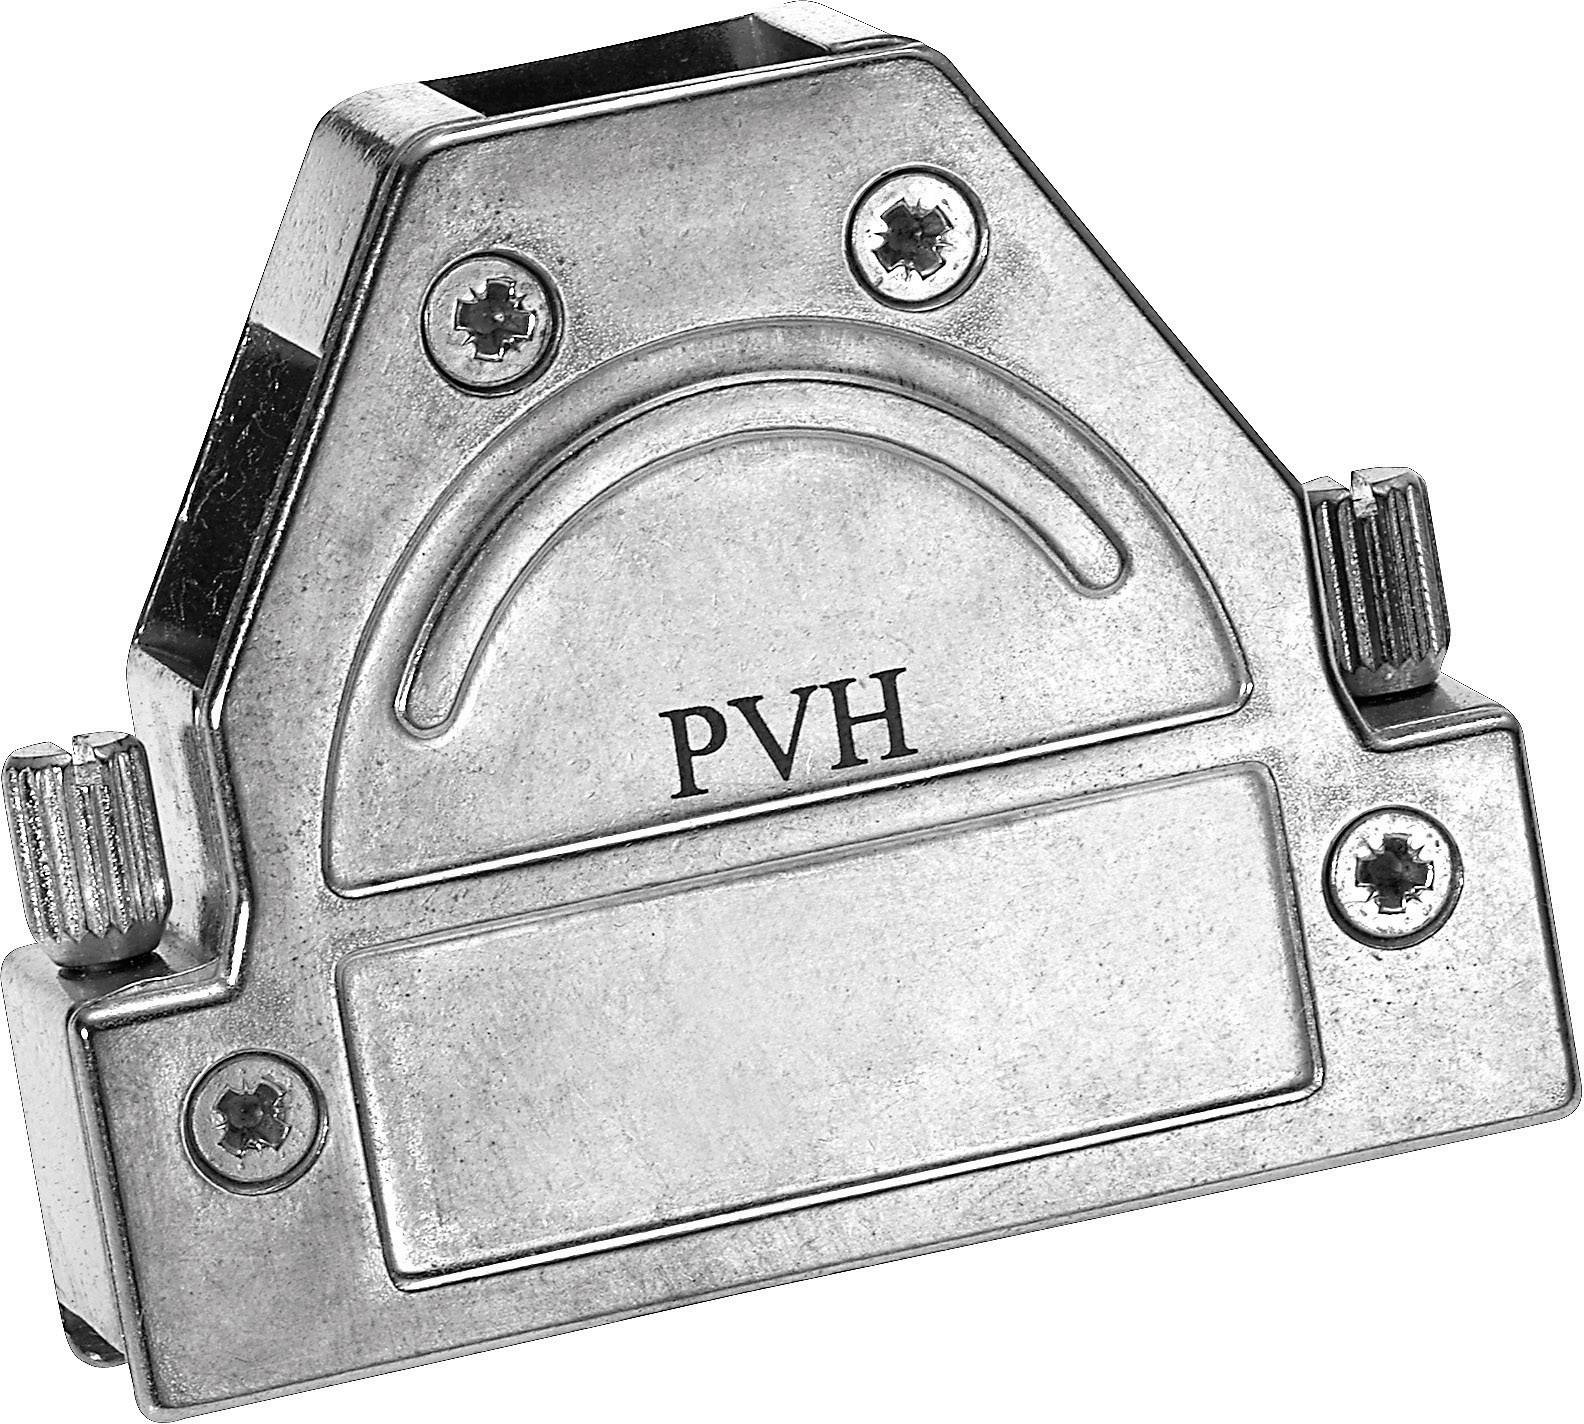 D-SUB pouzdro Provertha 1725DC25001 1725DC25001, pólů 25, kov, 180 °, stříbrná, 1 ks